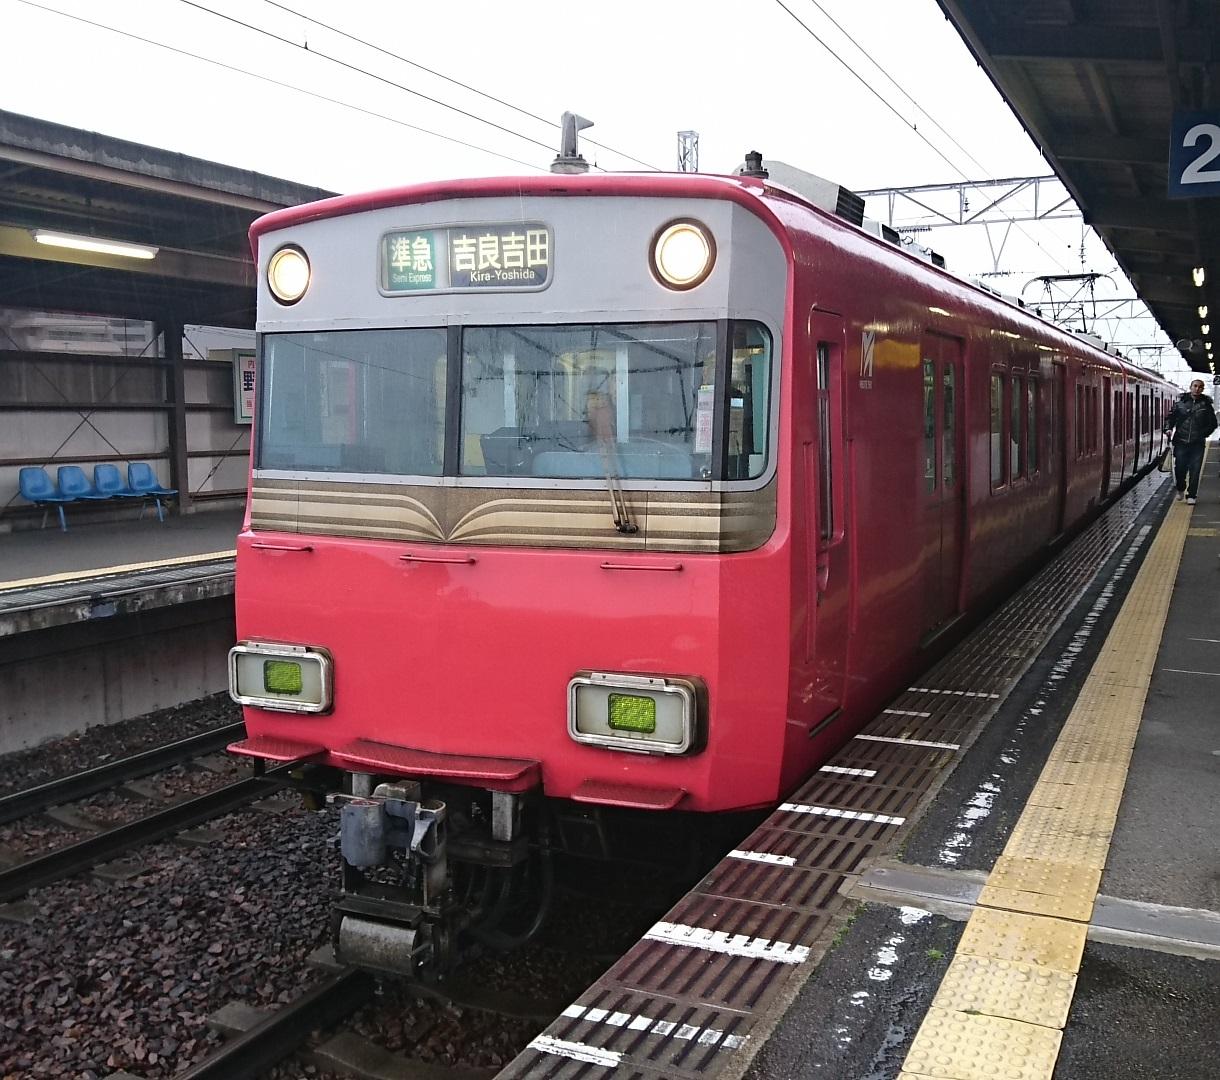 2017.3.26 名鉄 (30) みなみあんじょう - 吉良吉田いき準急 1220-1080